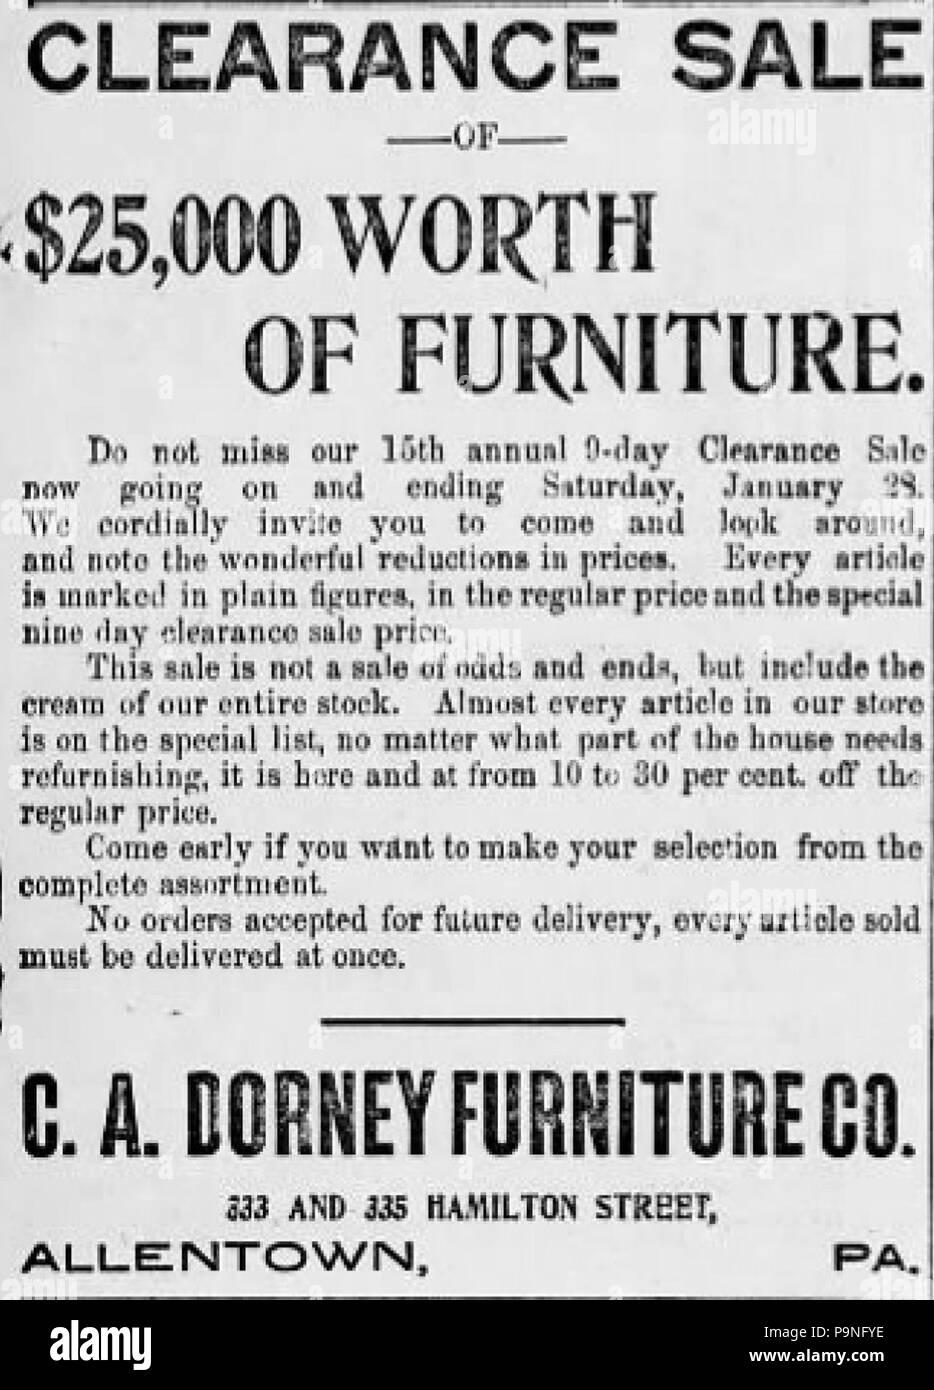 24 1899 C A Dorney Möbel Zeitung Anzeige Allentown Pa Stockfoto